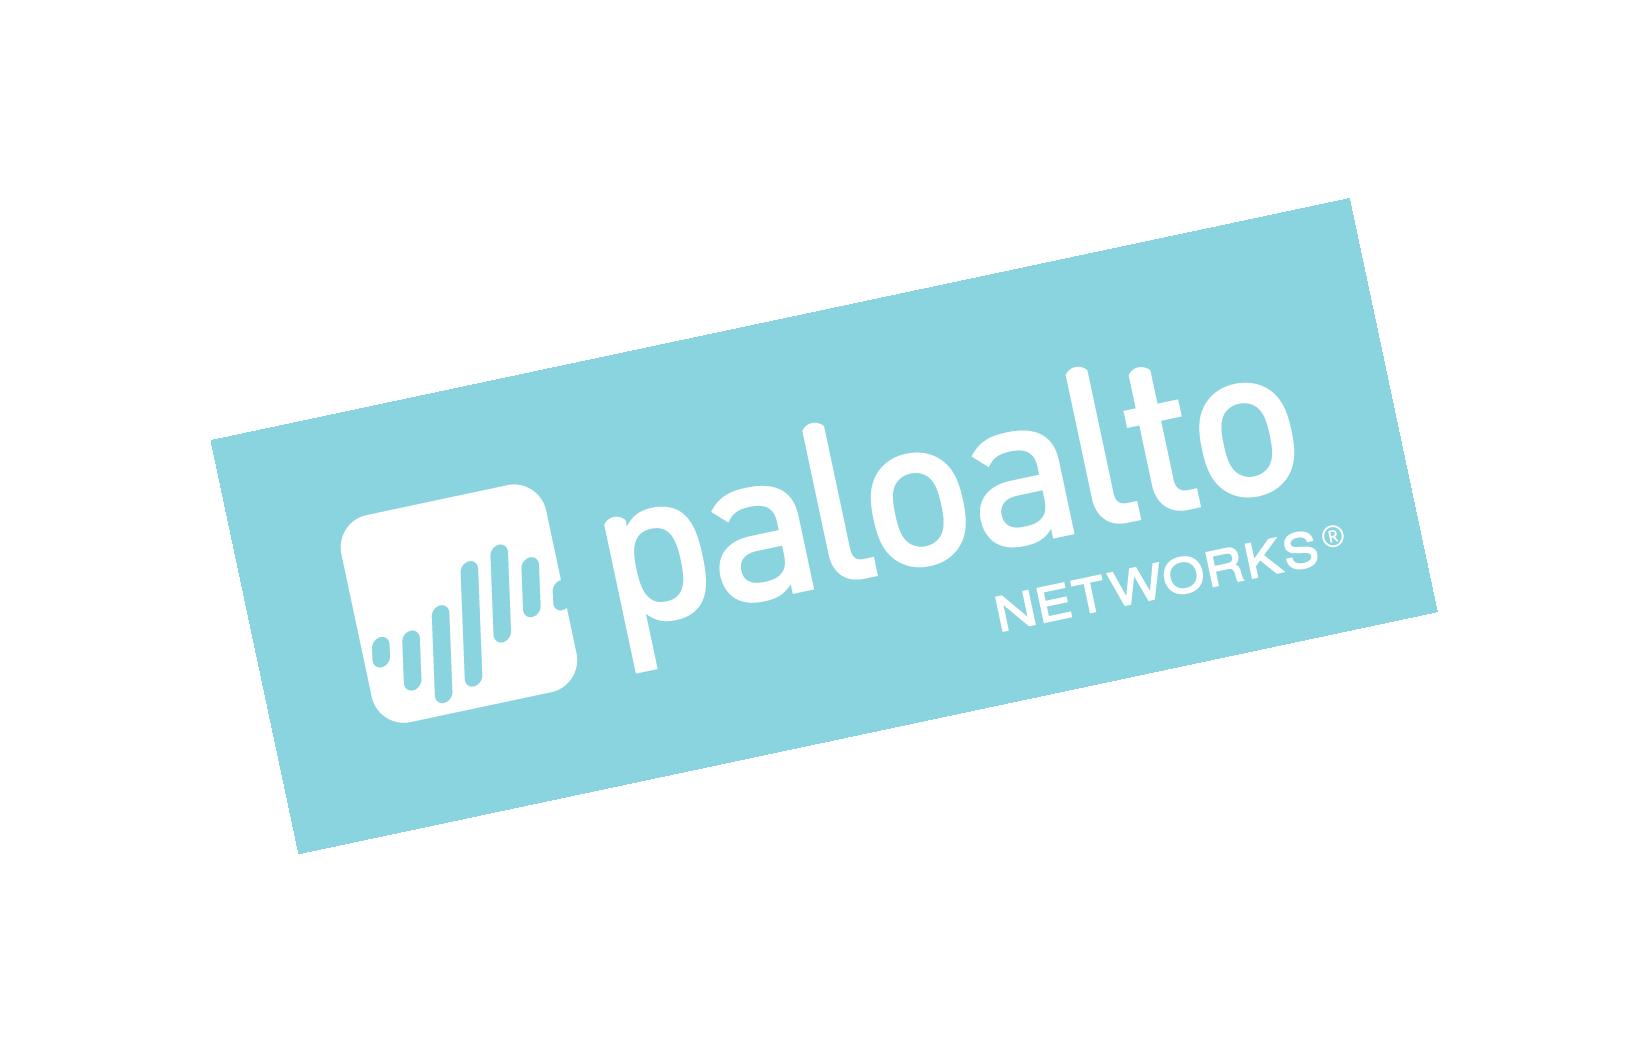 pan-logo-badge-blue-light-kick-up.png